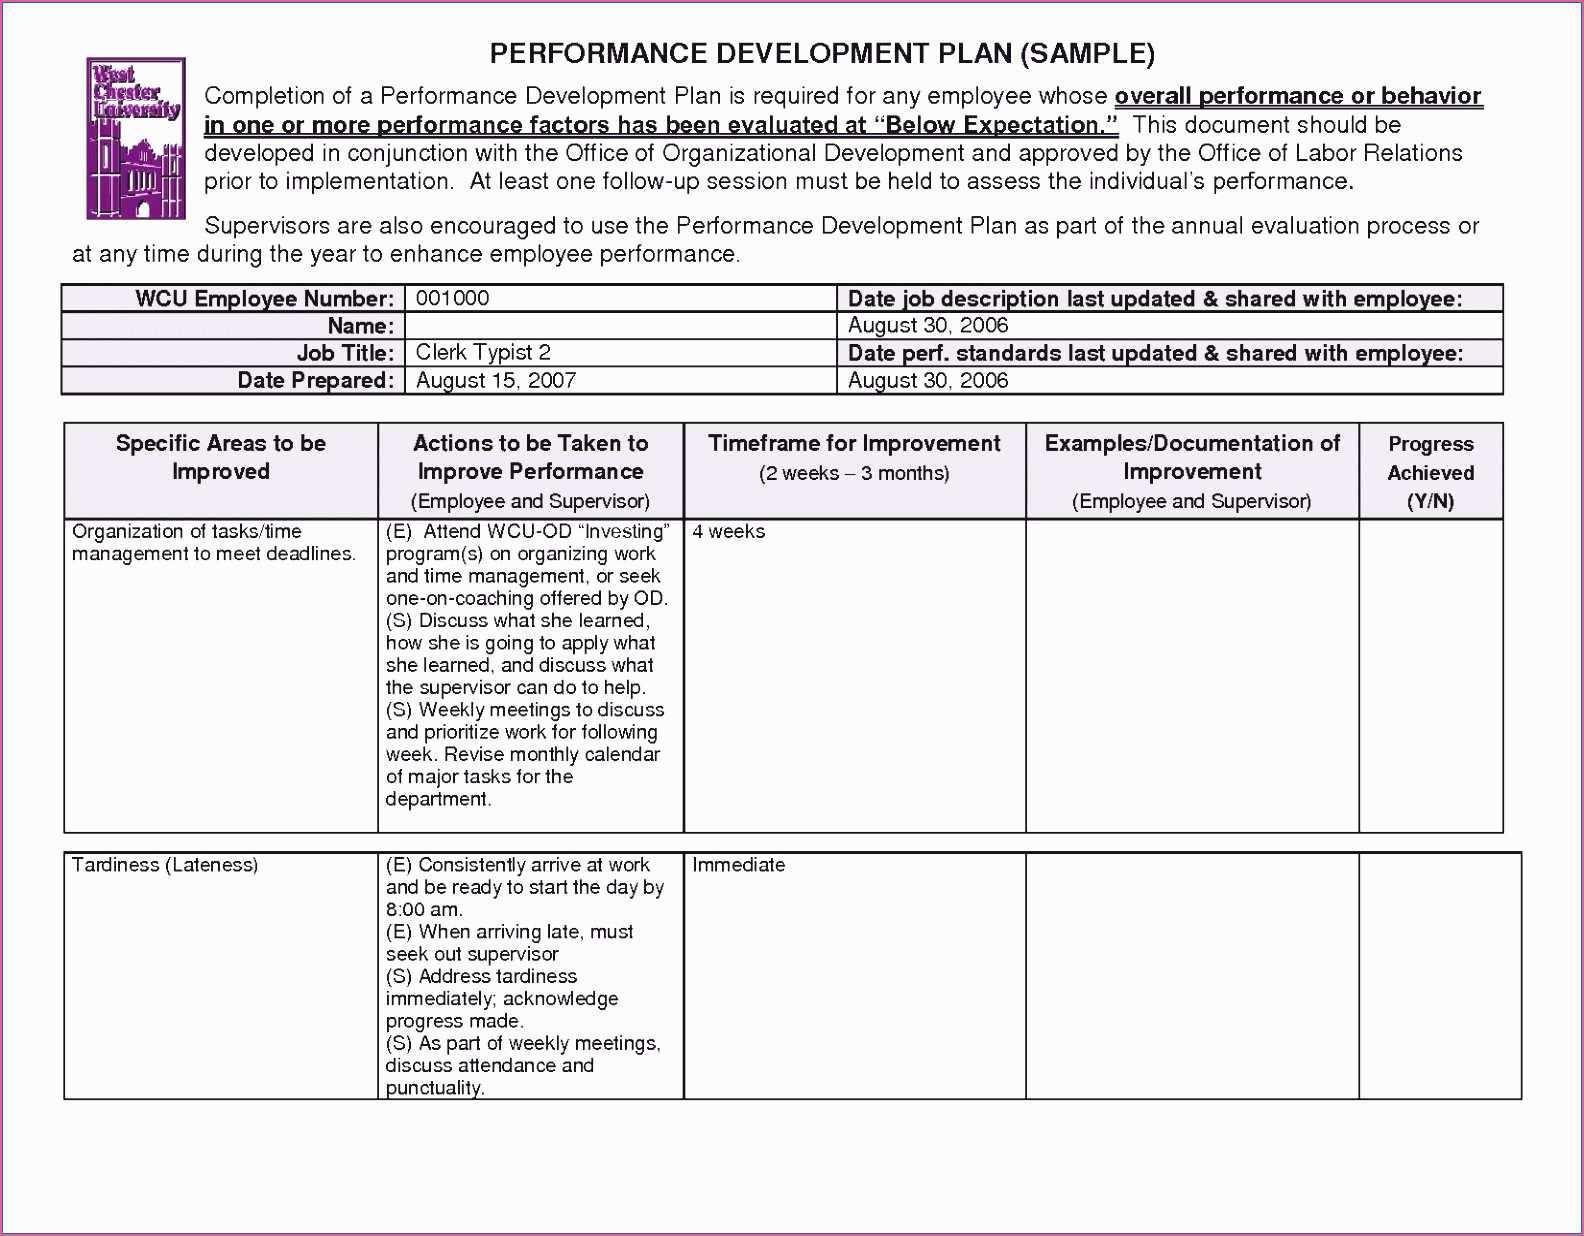 Pflegeplanung Vorlage Word 16 Pflegeplanung Schreiben Muster Crossradio Projektmanagement Vorlagen Unterrichtsplanung Vorlagen Rechnungsvorlage